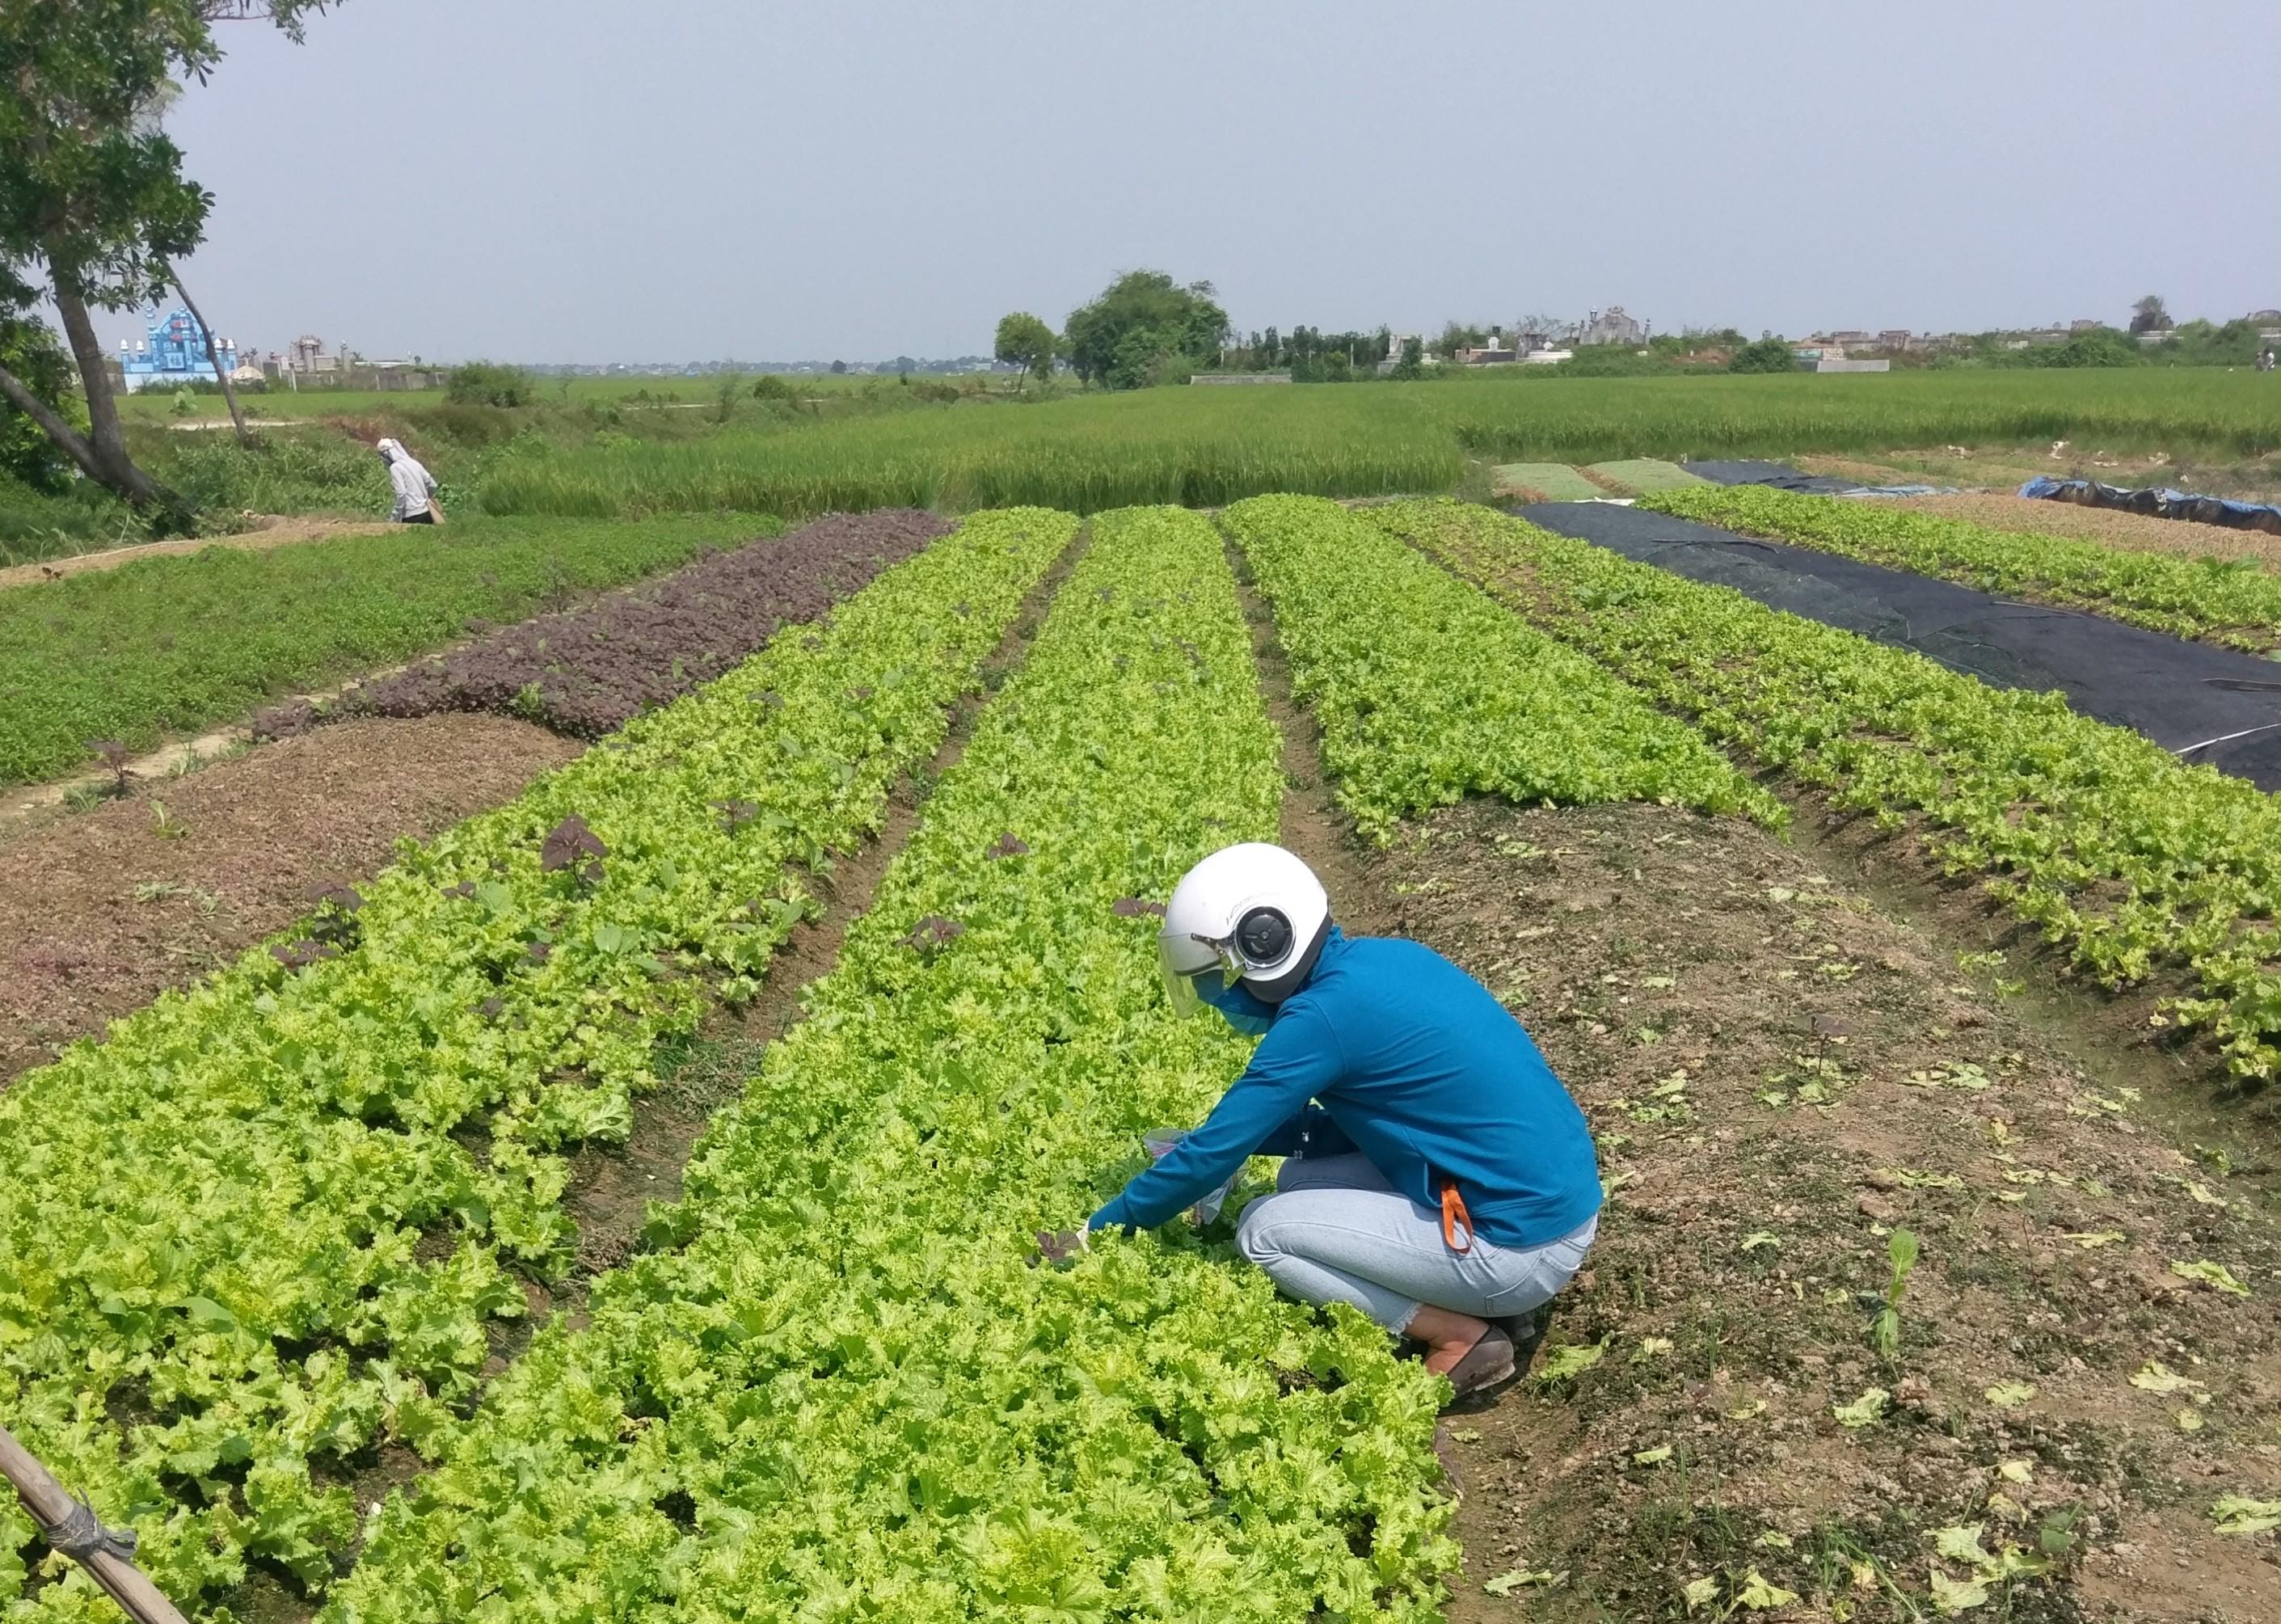 Nhóm nghiên cứu lấy mẫu rau xà lách tại một trang trại ở Huế. Ảnh: NVCC